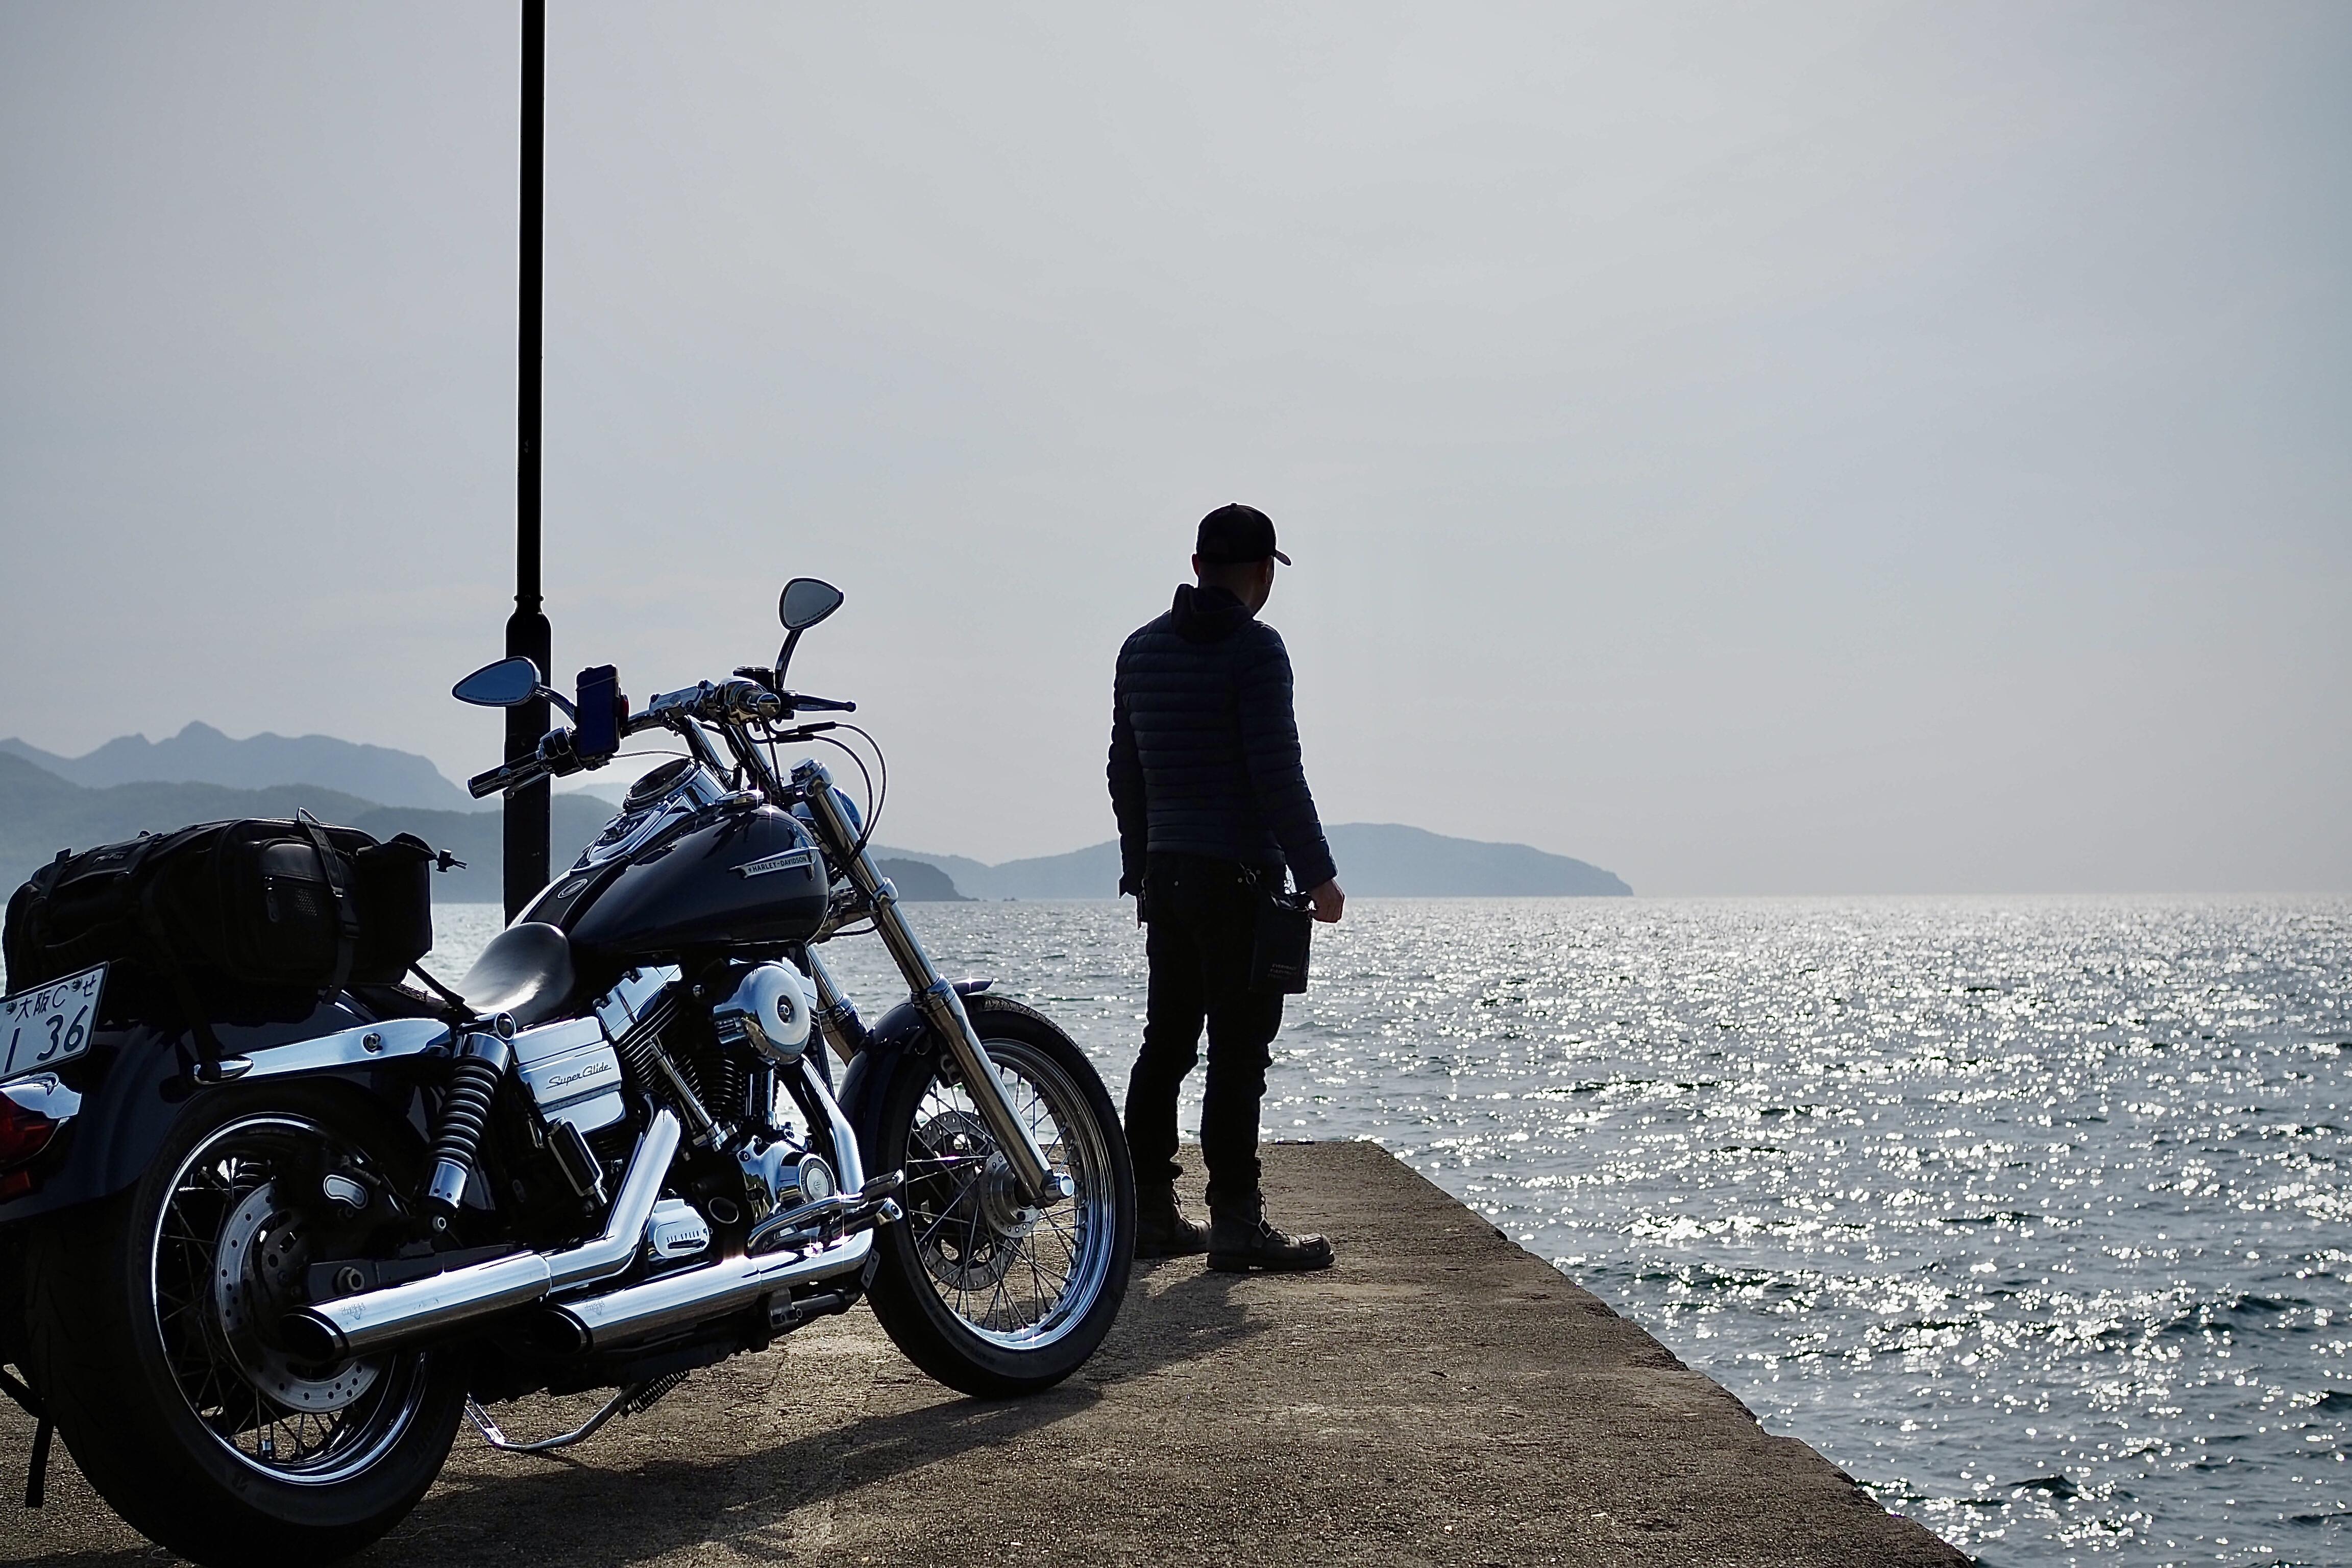 小豆島 絶景&グルメツーリング 海沿いの道 瀬戸内海 岸壁 防波堤